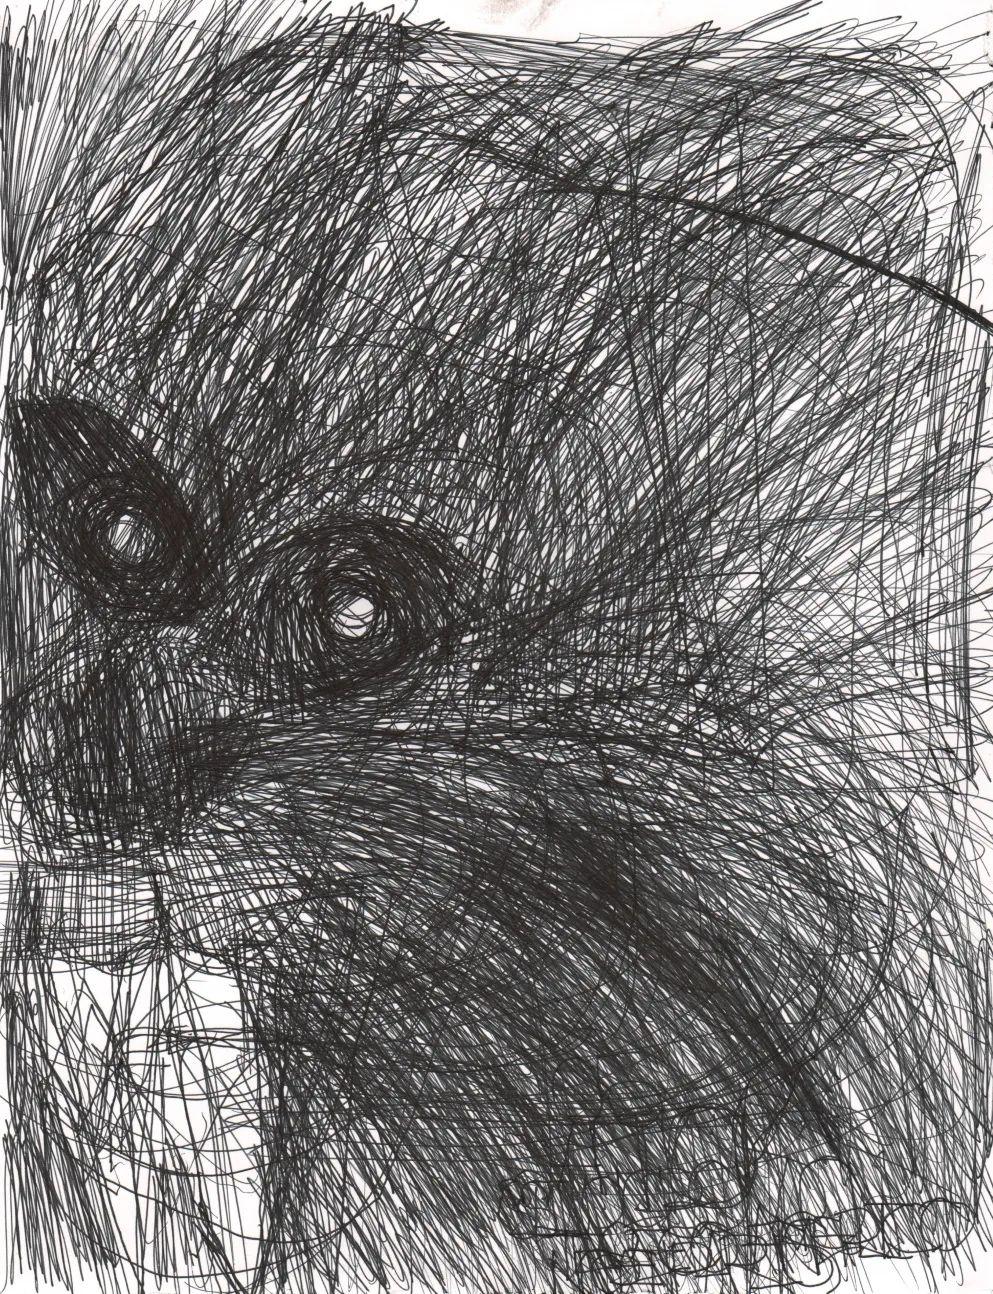 何塞·曼努埃尔·埃格亚,《无题》,2014,纸上细水彩笔,25 x 33 cm。艺术家供图。